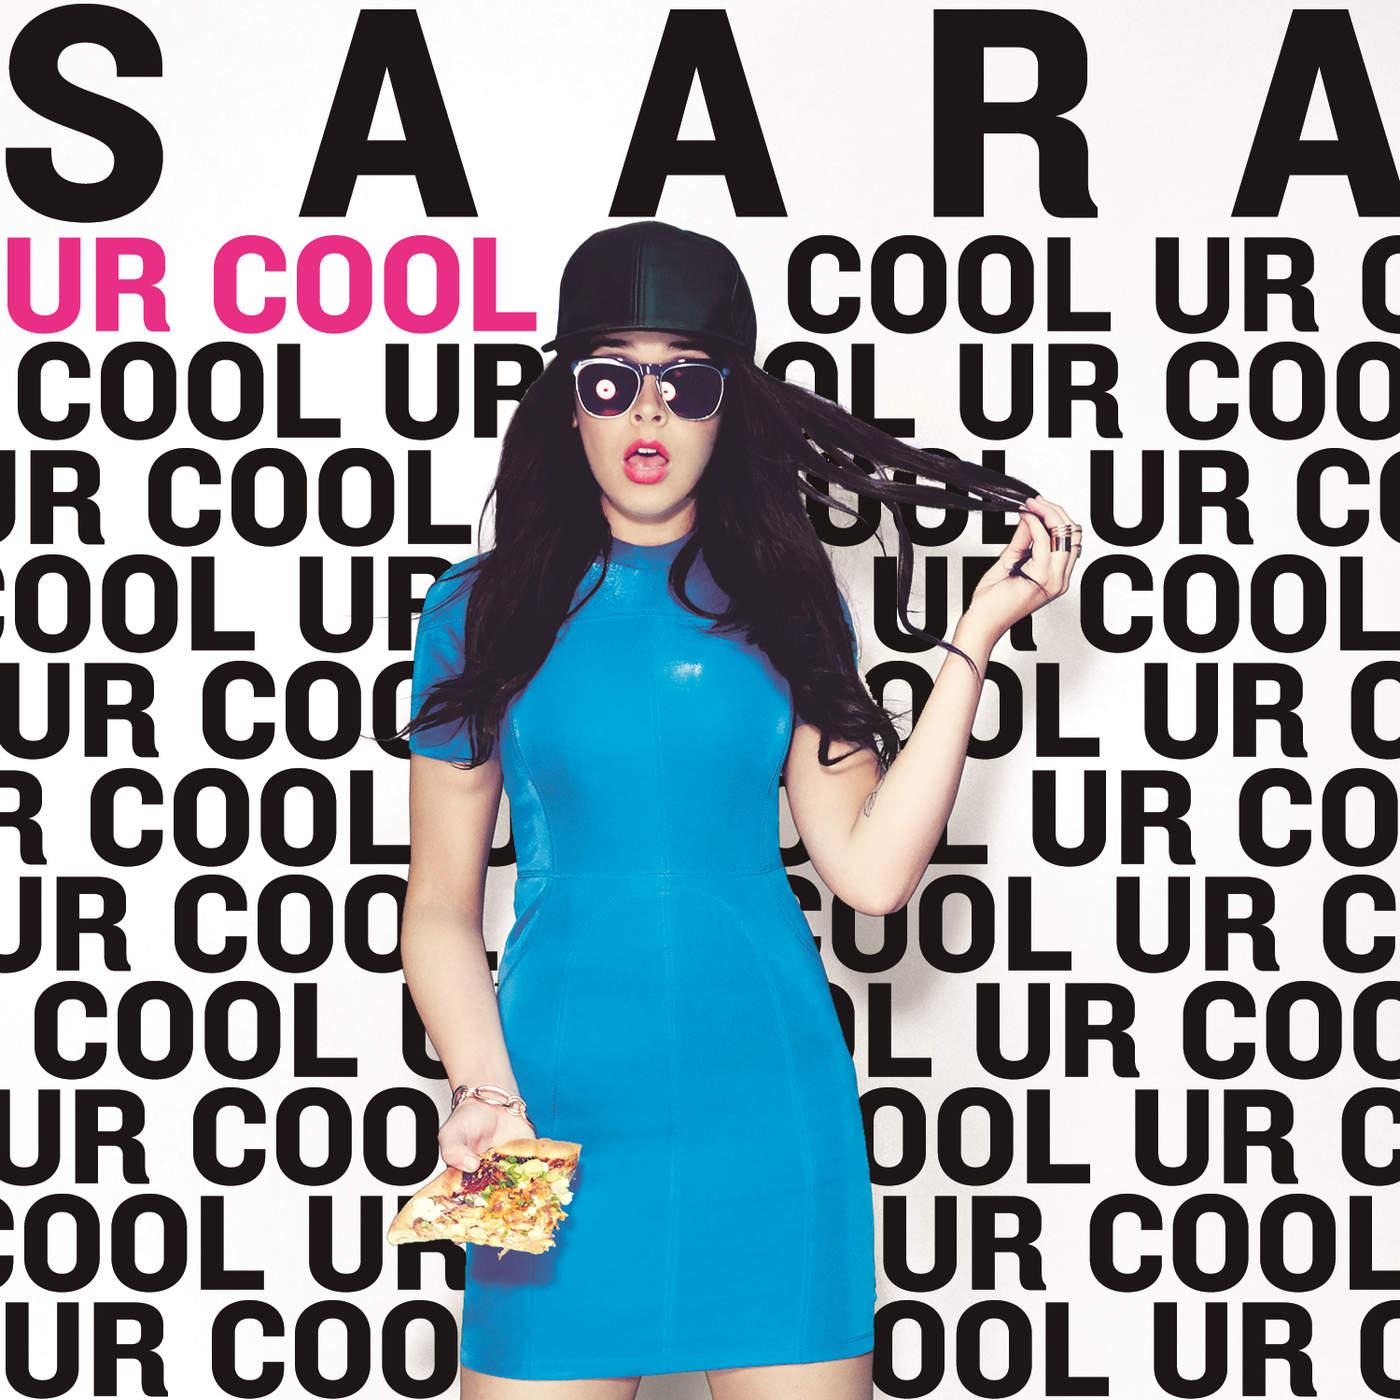 SAARA Ur Cool